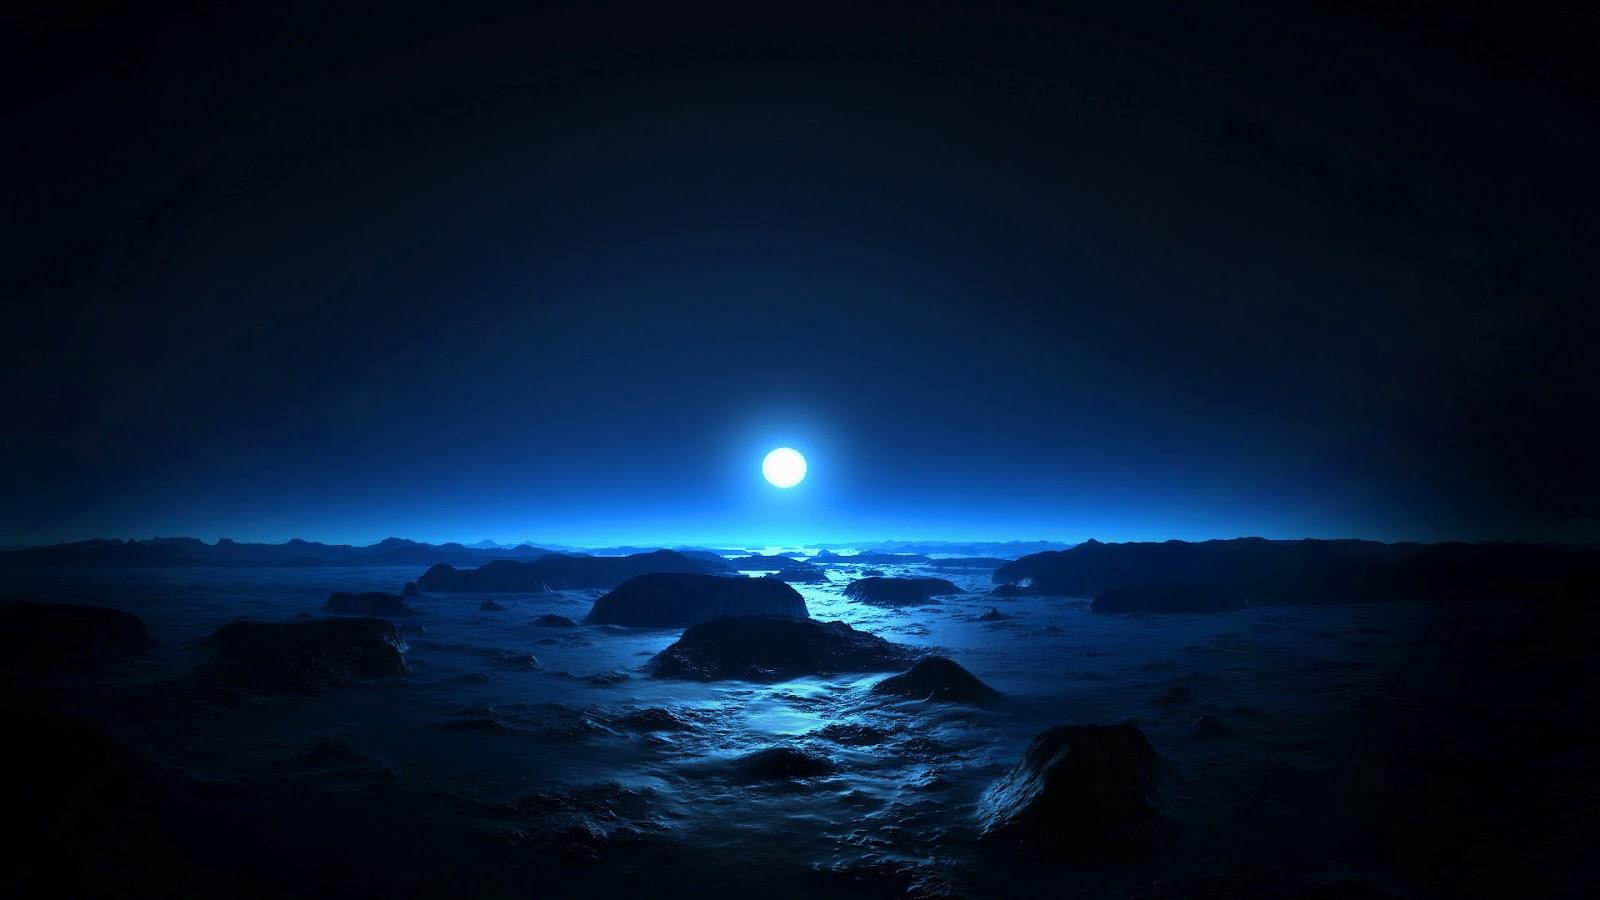 http://1.bp.blogspot.com/-AMHGRbmsvo8/UCY3gFjd0-I/AAAAAAAAMbk/GyMK6GWIOWc/s1600/Moon+wallpapers+2.jpg